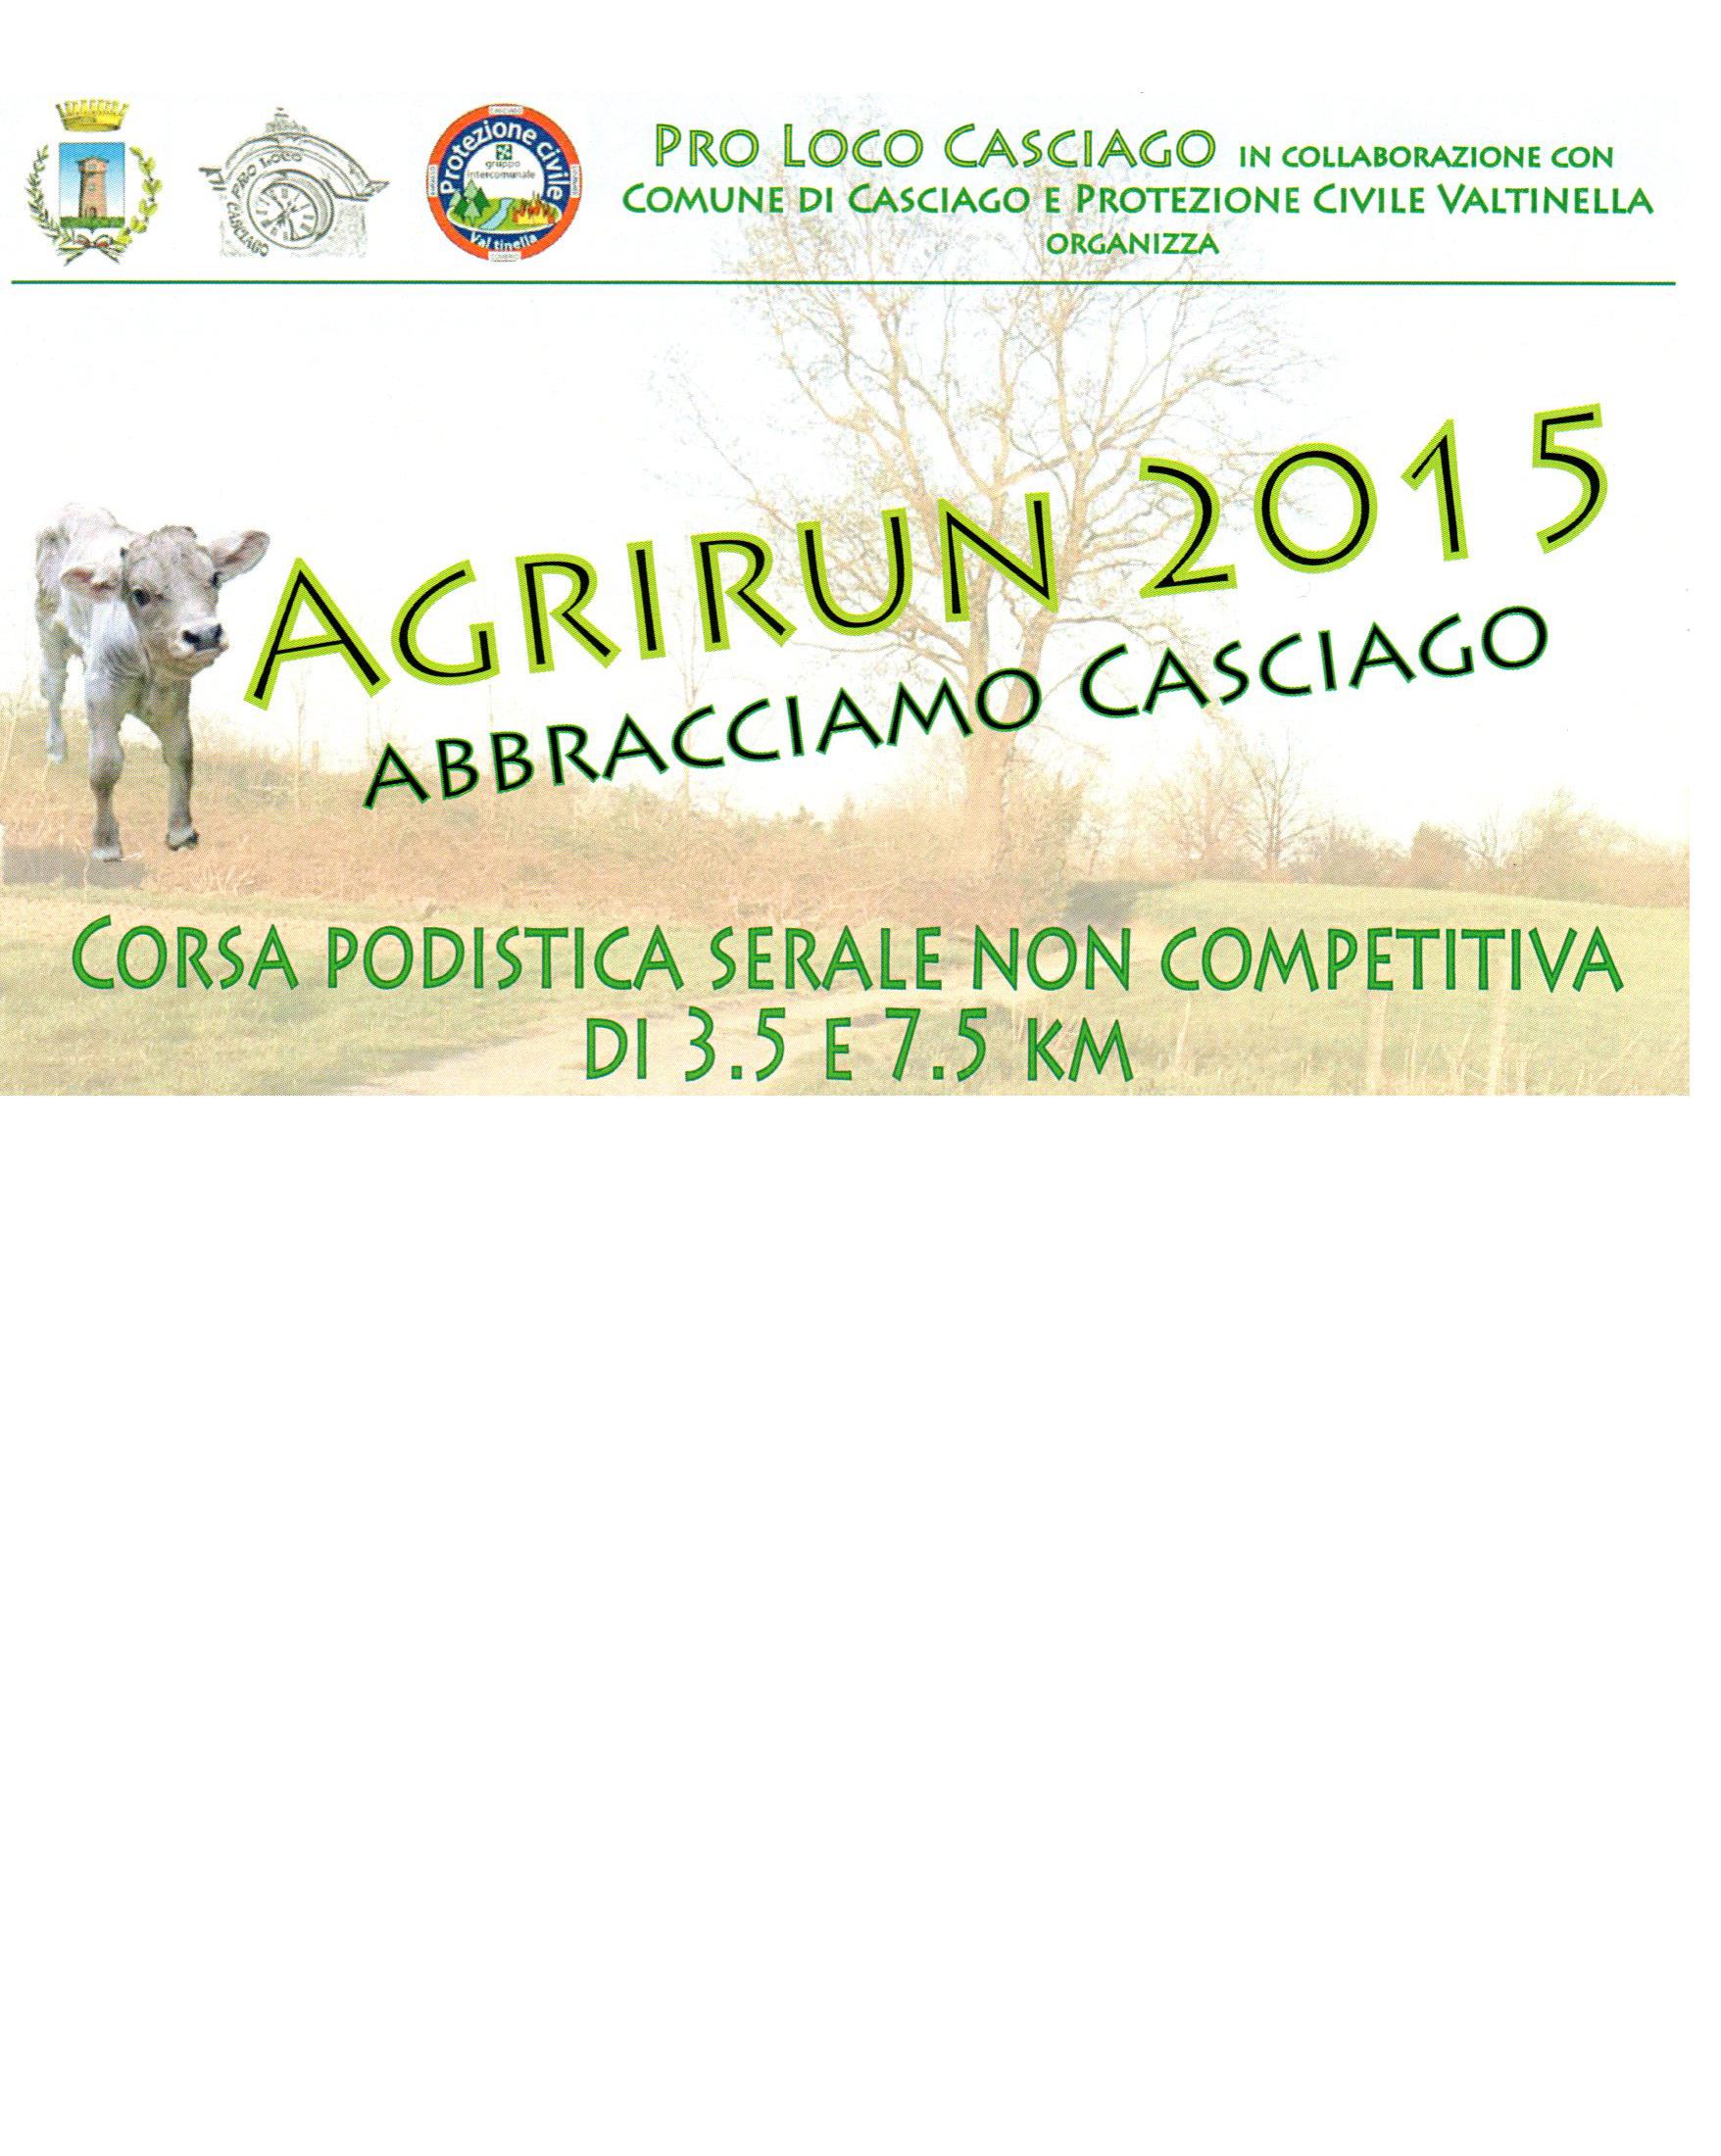 AgriRun2015